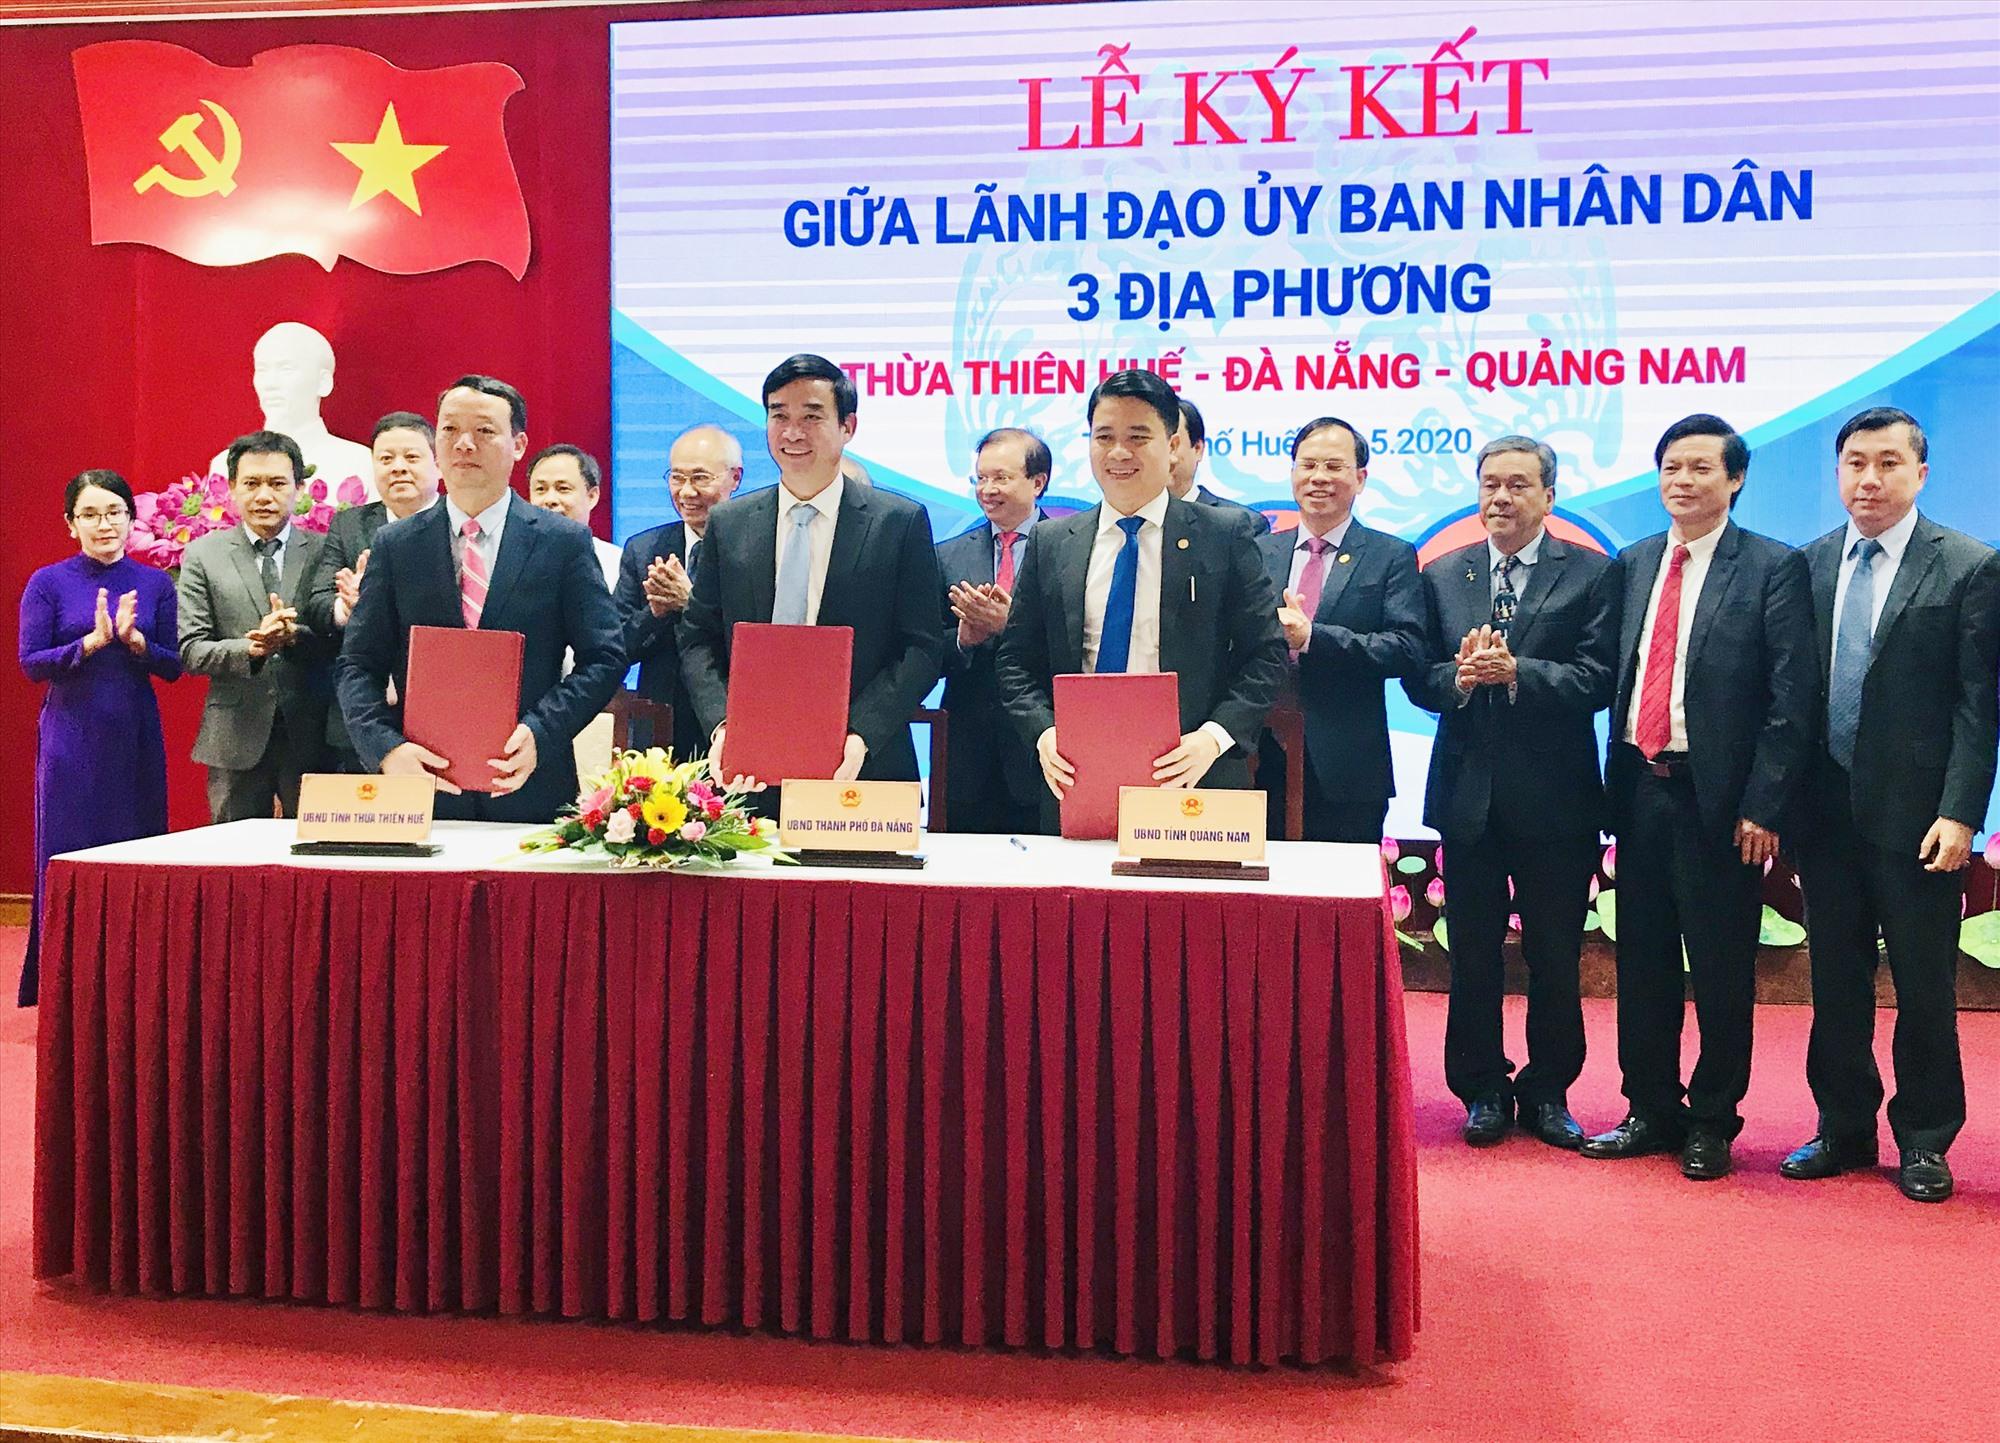 Hoạt động liên kết trong phát triển du lịch là điều rất cần thiết. Trong ảnh: Ký kết hợp tác phát triển du lịch giữa 3 địa phương Thừa Thiên Huế - Đà Nẵng - Quảng Nam hồi tháng 5.2020. Ảnh: H.S